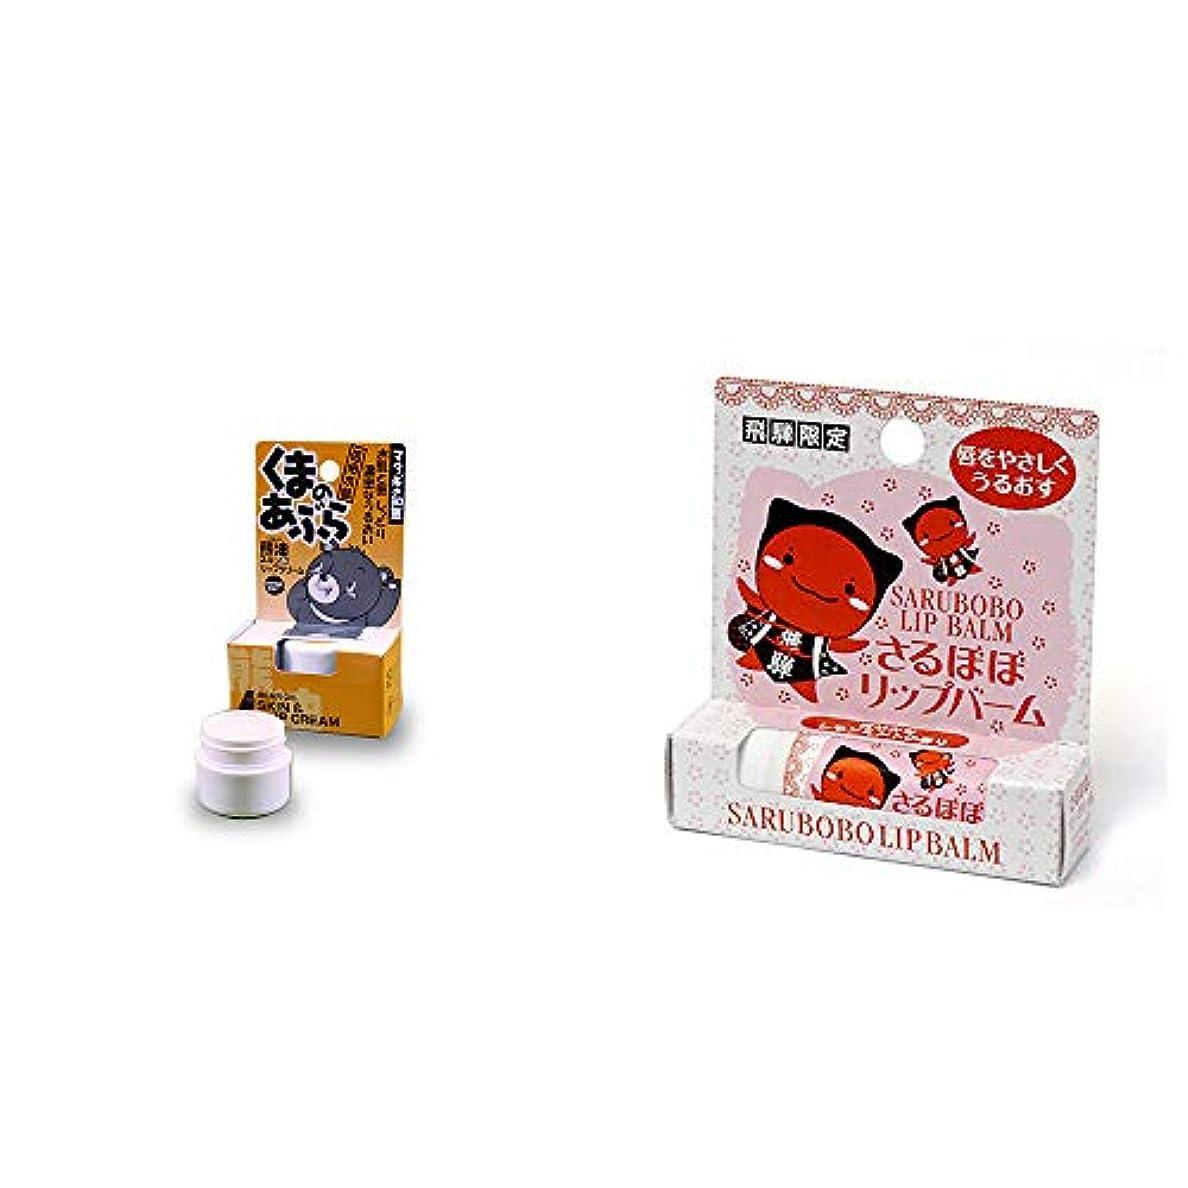 ランクアルバニー子供時代[2点セット] 信州木曽 くまのあぶら 熊油スキン&リップクリーム(9g)?さるぼぼ リップバーム(4g)